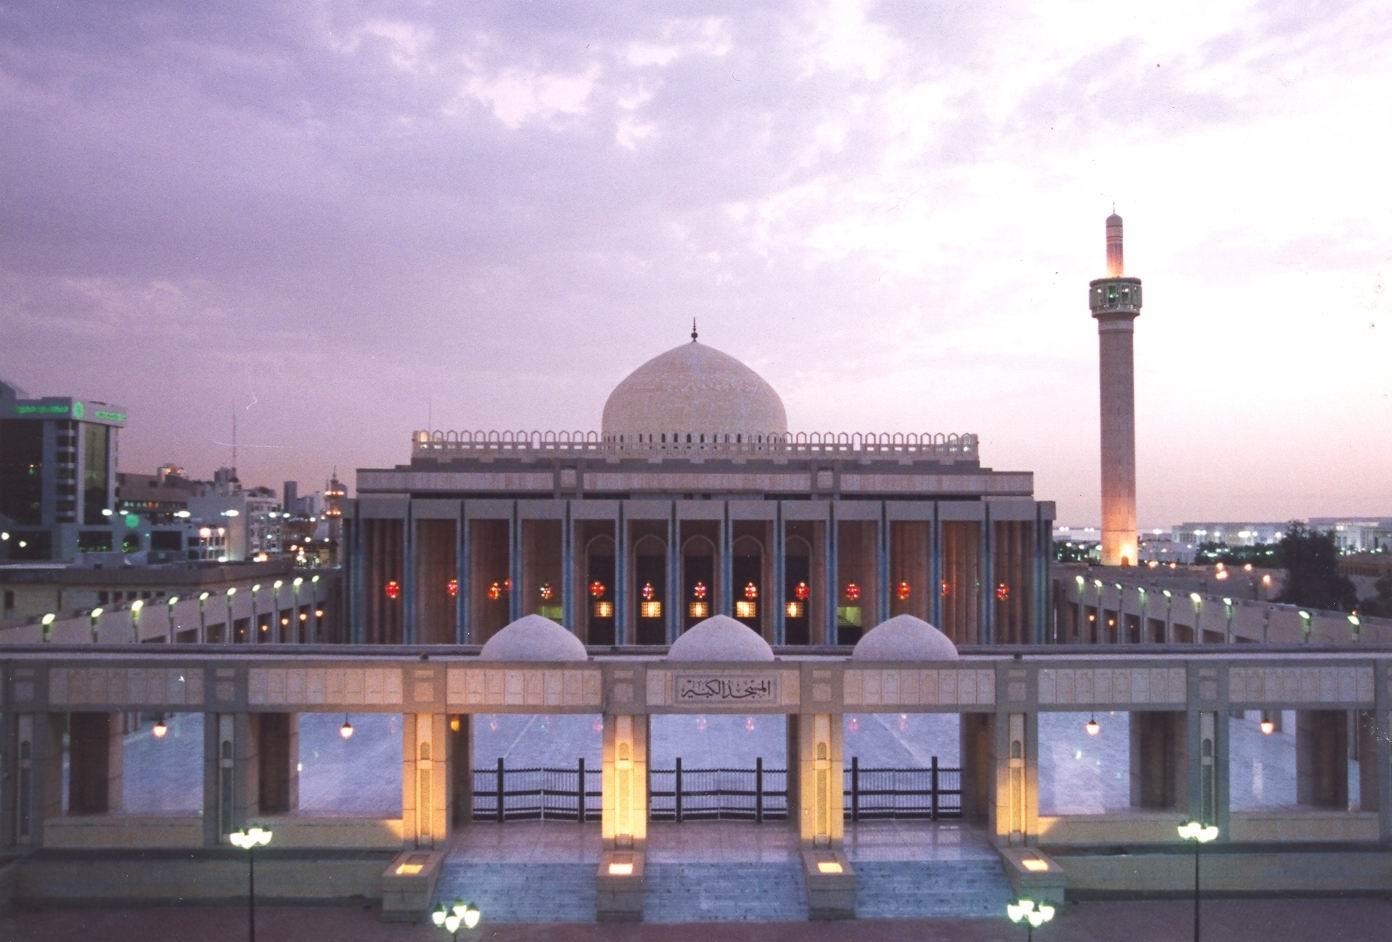 بالصور الاماكن السياحية في الكويت , السياحه في الكويت الشقيق 2162 9